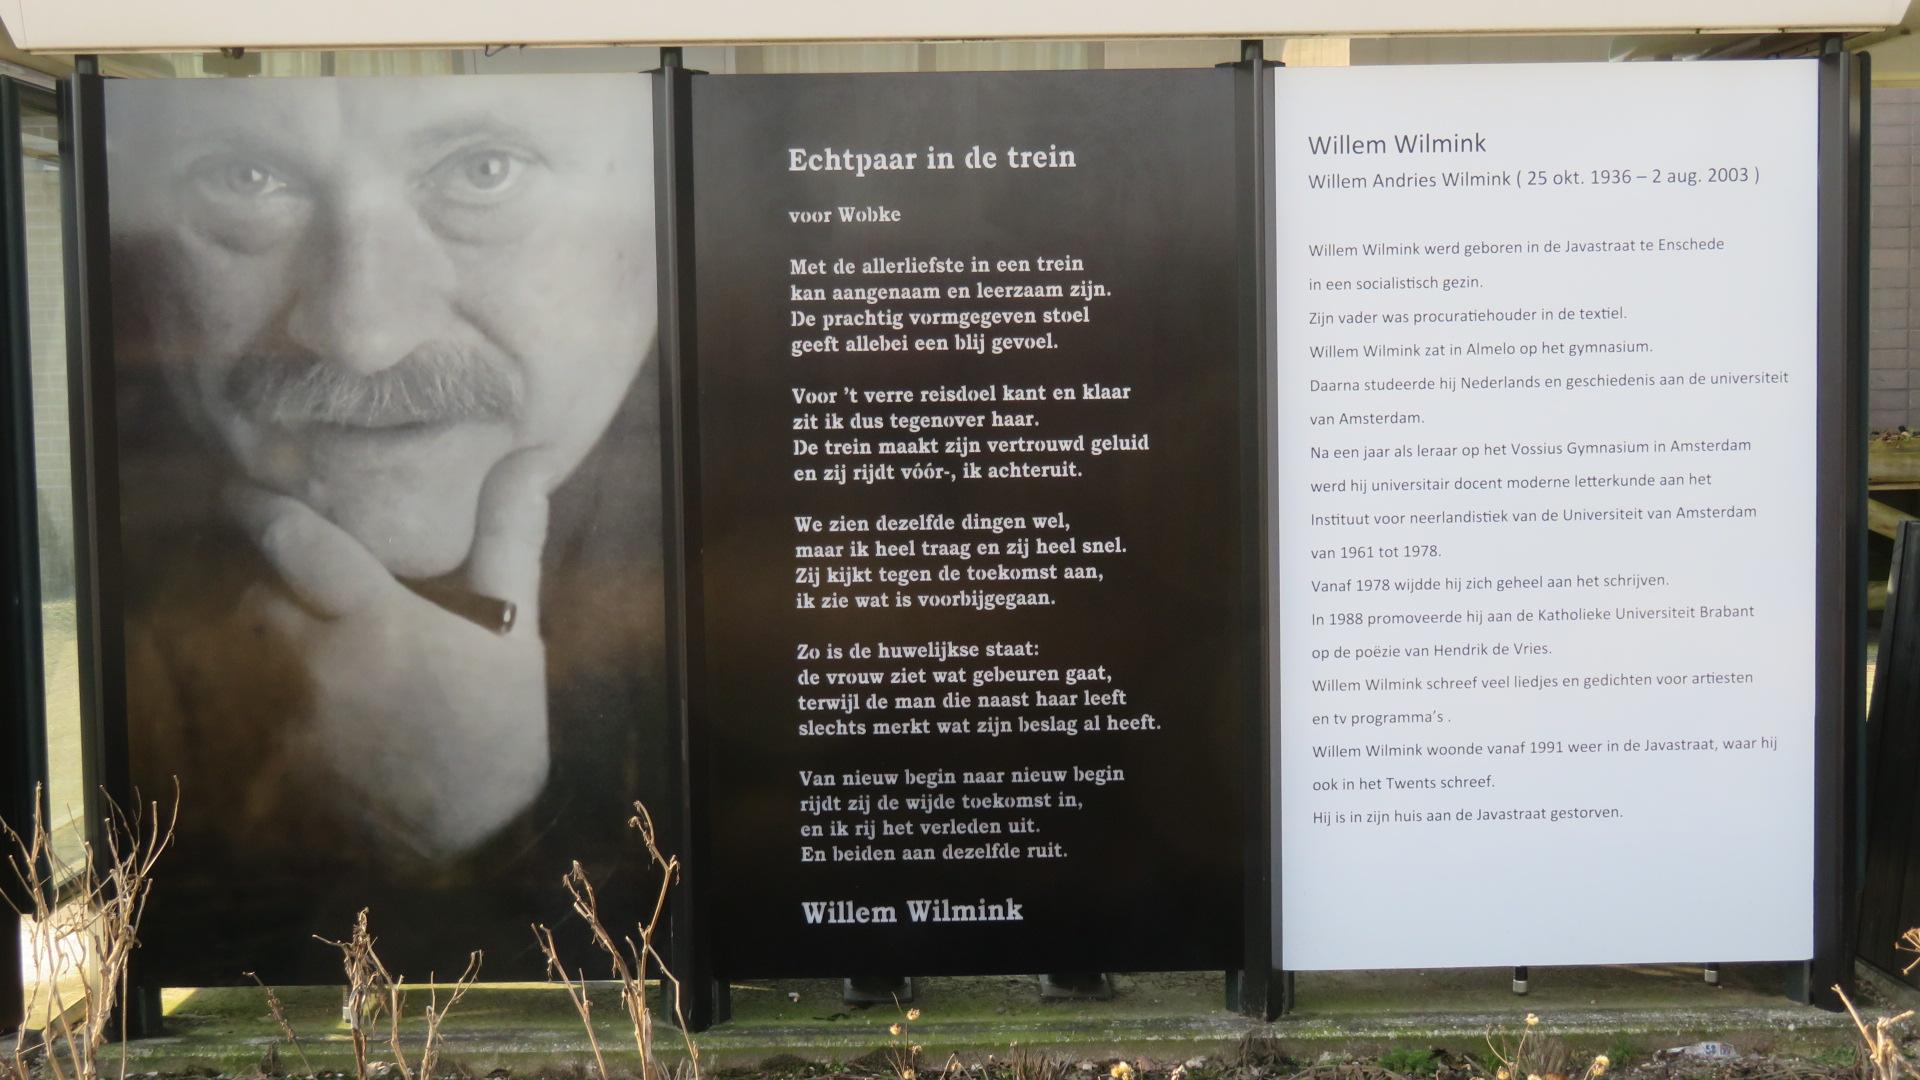 Grolse gedichten